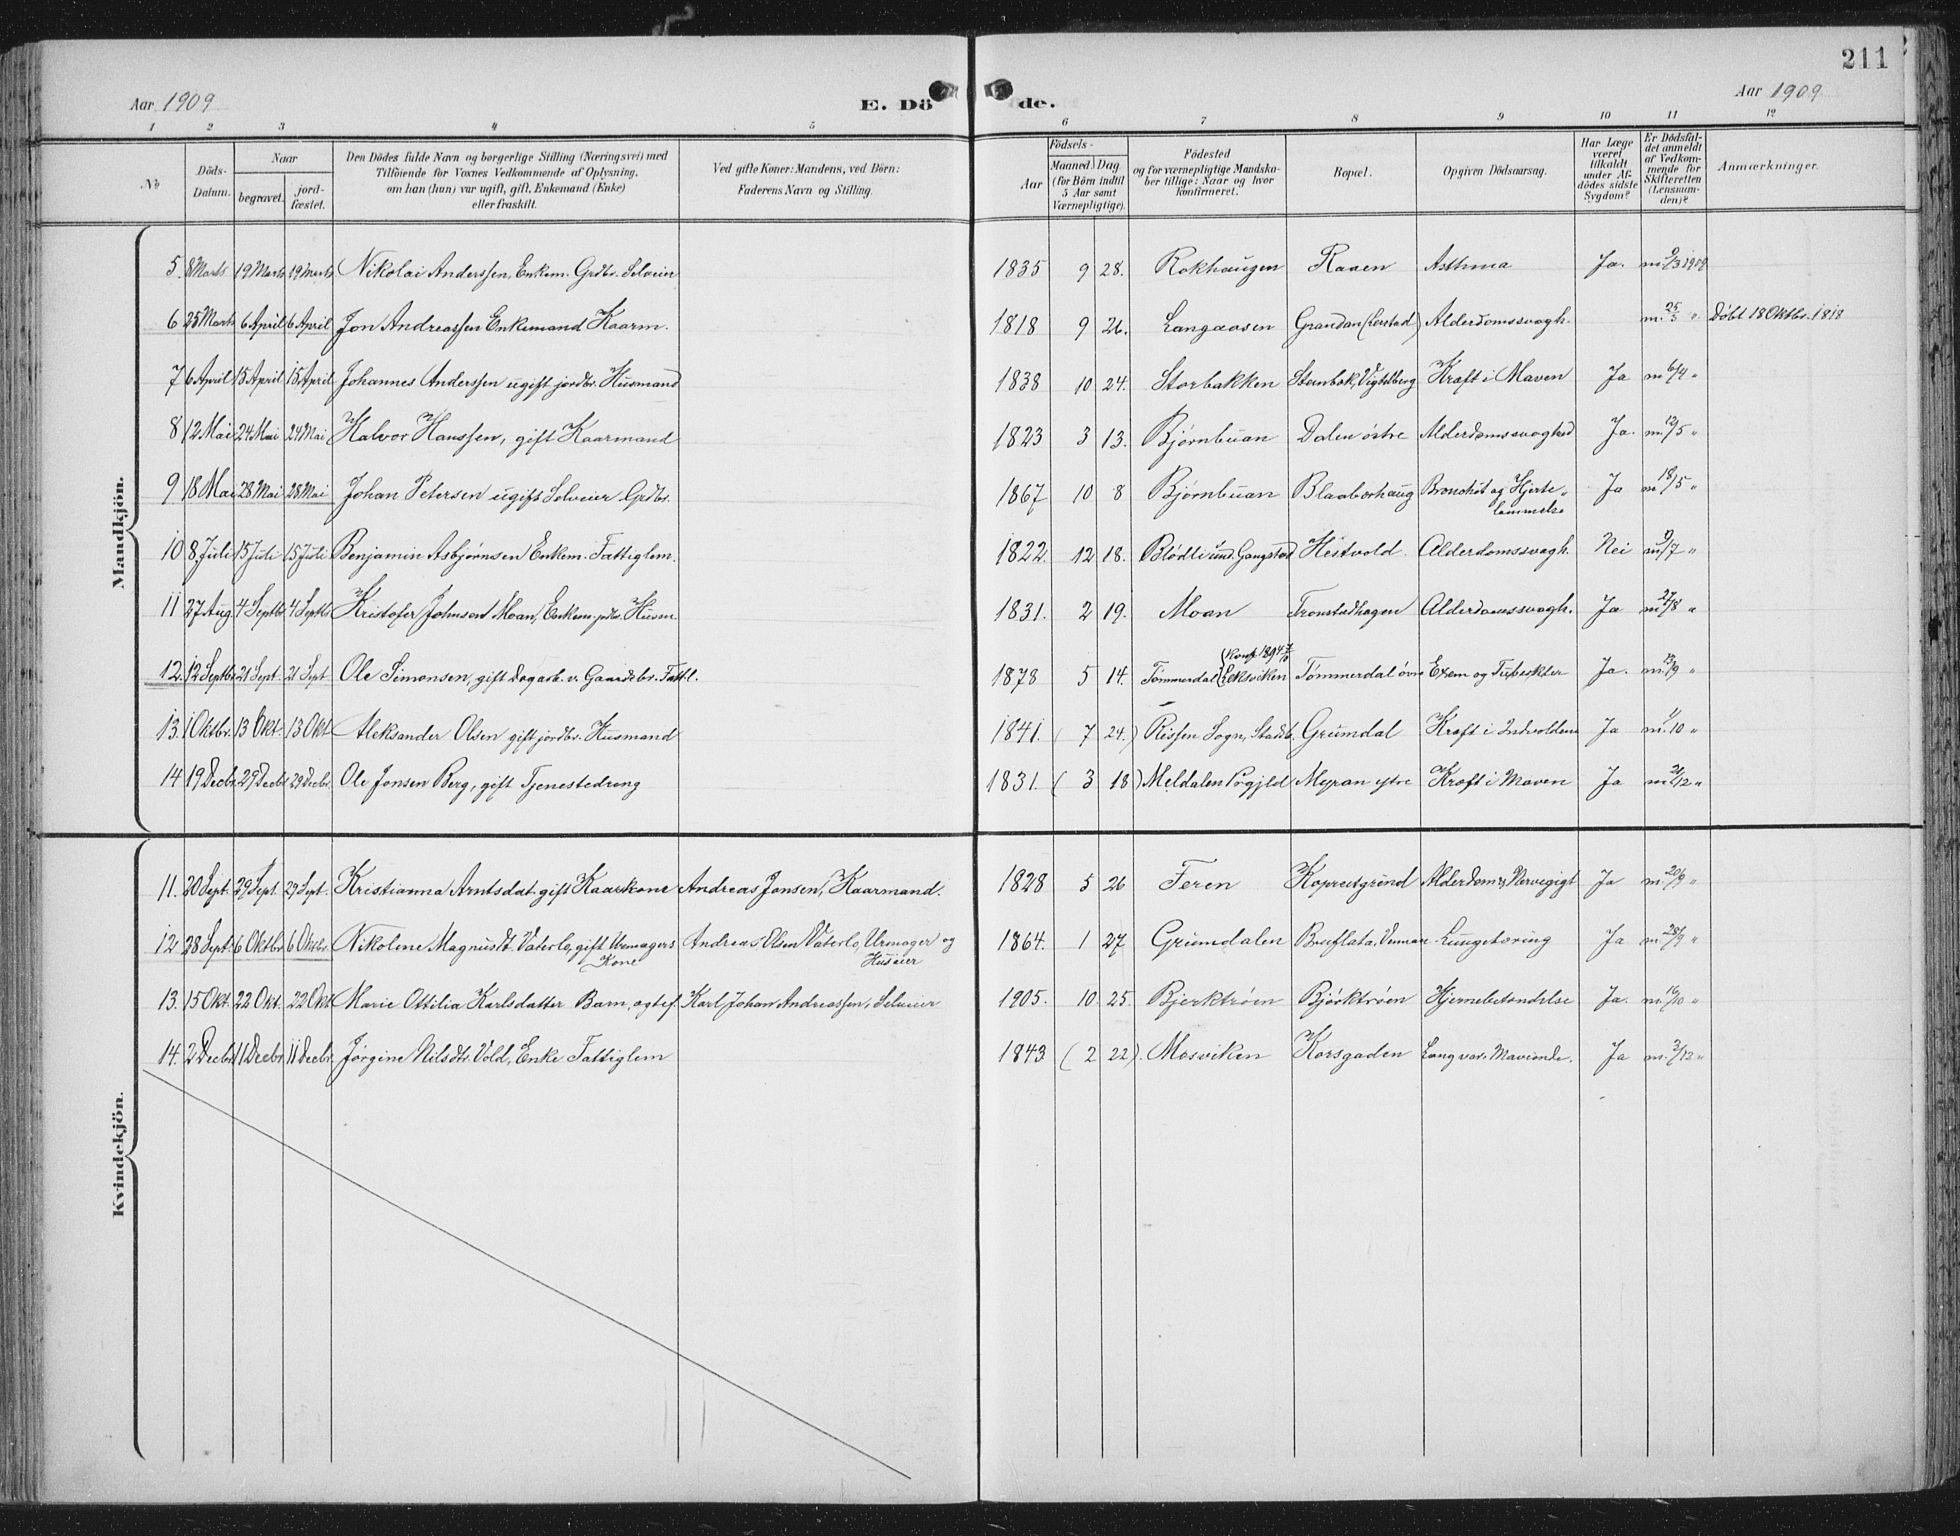 SAT, Ministerialprotokoller, klokkerbøker og fødselsregistre - Nord-Trøndelag, 701/L0011: Parish register (official) no. 701A11, 1899-1915, p. 211